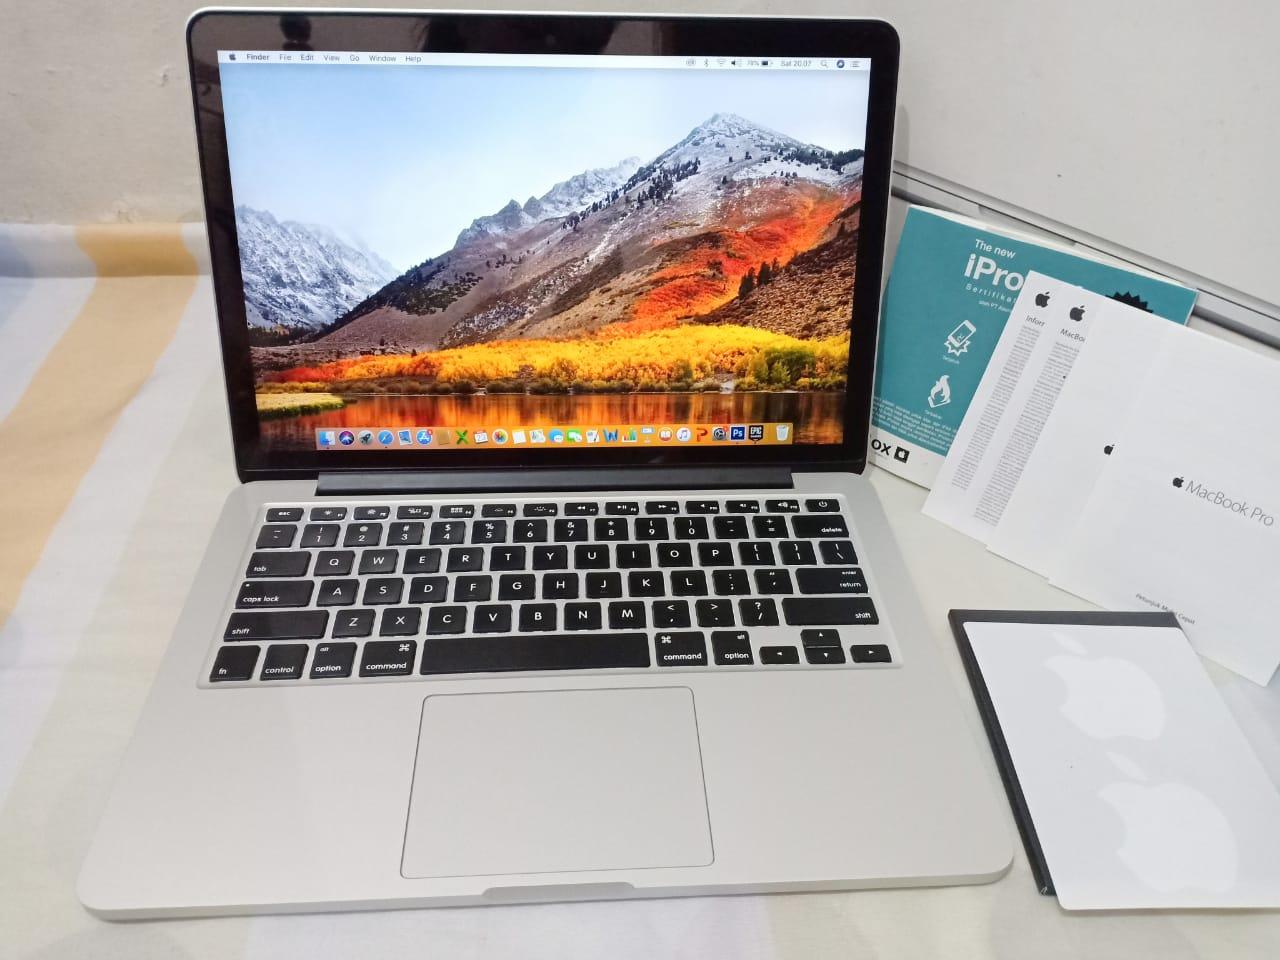 MacBook Pro Retina 1 1 MF1 intel core i1 RAM 1GB SSD 121GB